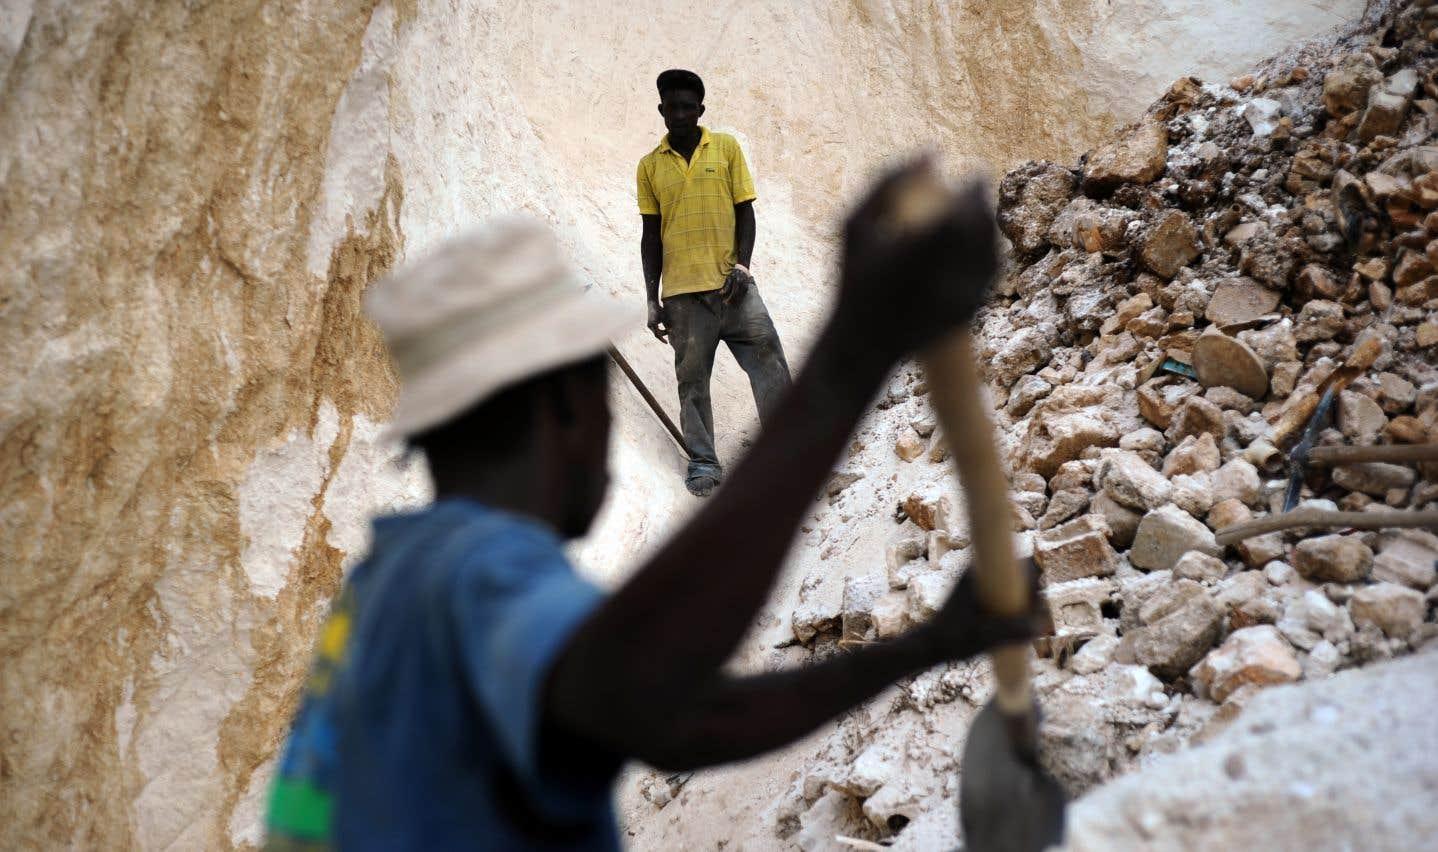 Haïti est un des pays au monde les plus vulnérables au changement climatique et les risques environnementaux qui découleraient de l'exploitation minière sont extrêmement importants, souligne l'auteur.